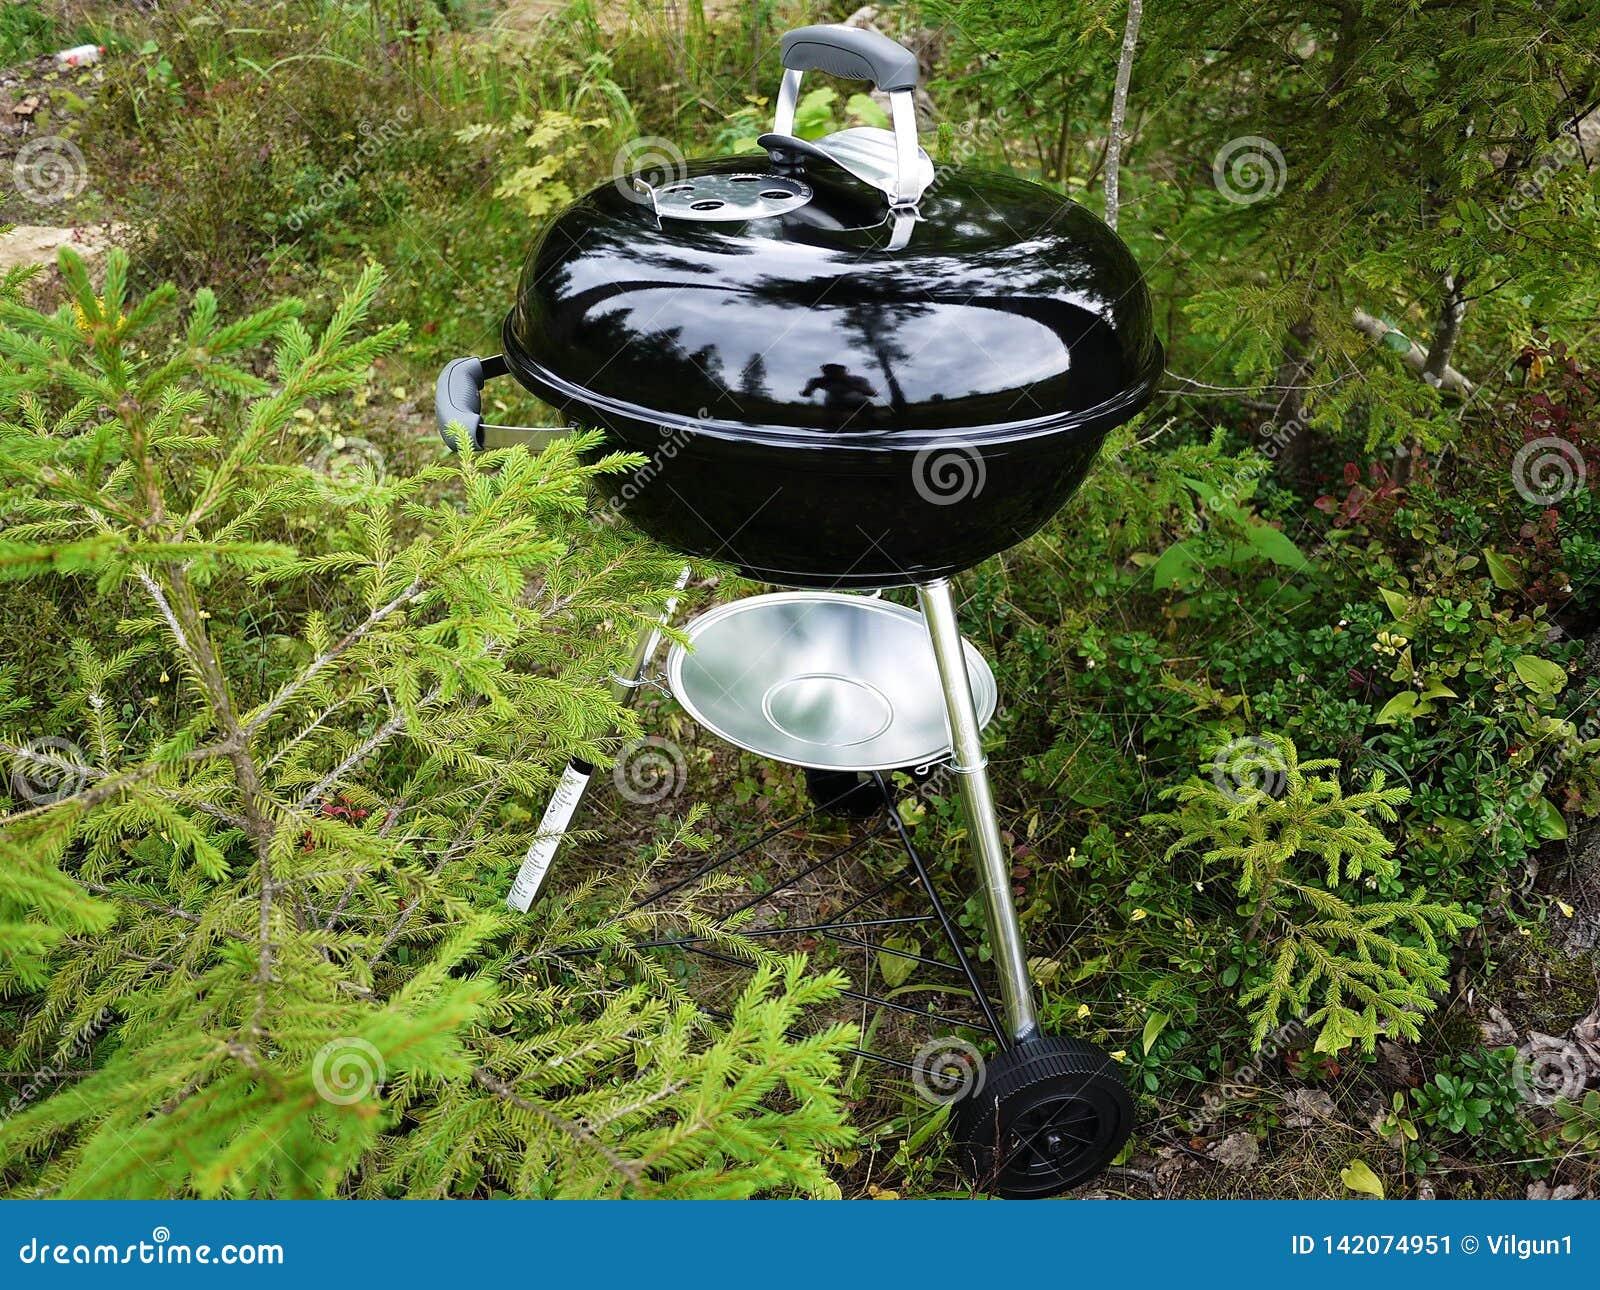 Grilla grill, stki, cutlets, smażył ryby, warzywa i inny jedzenie